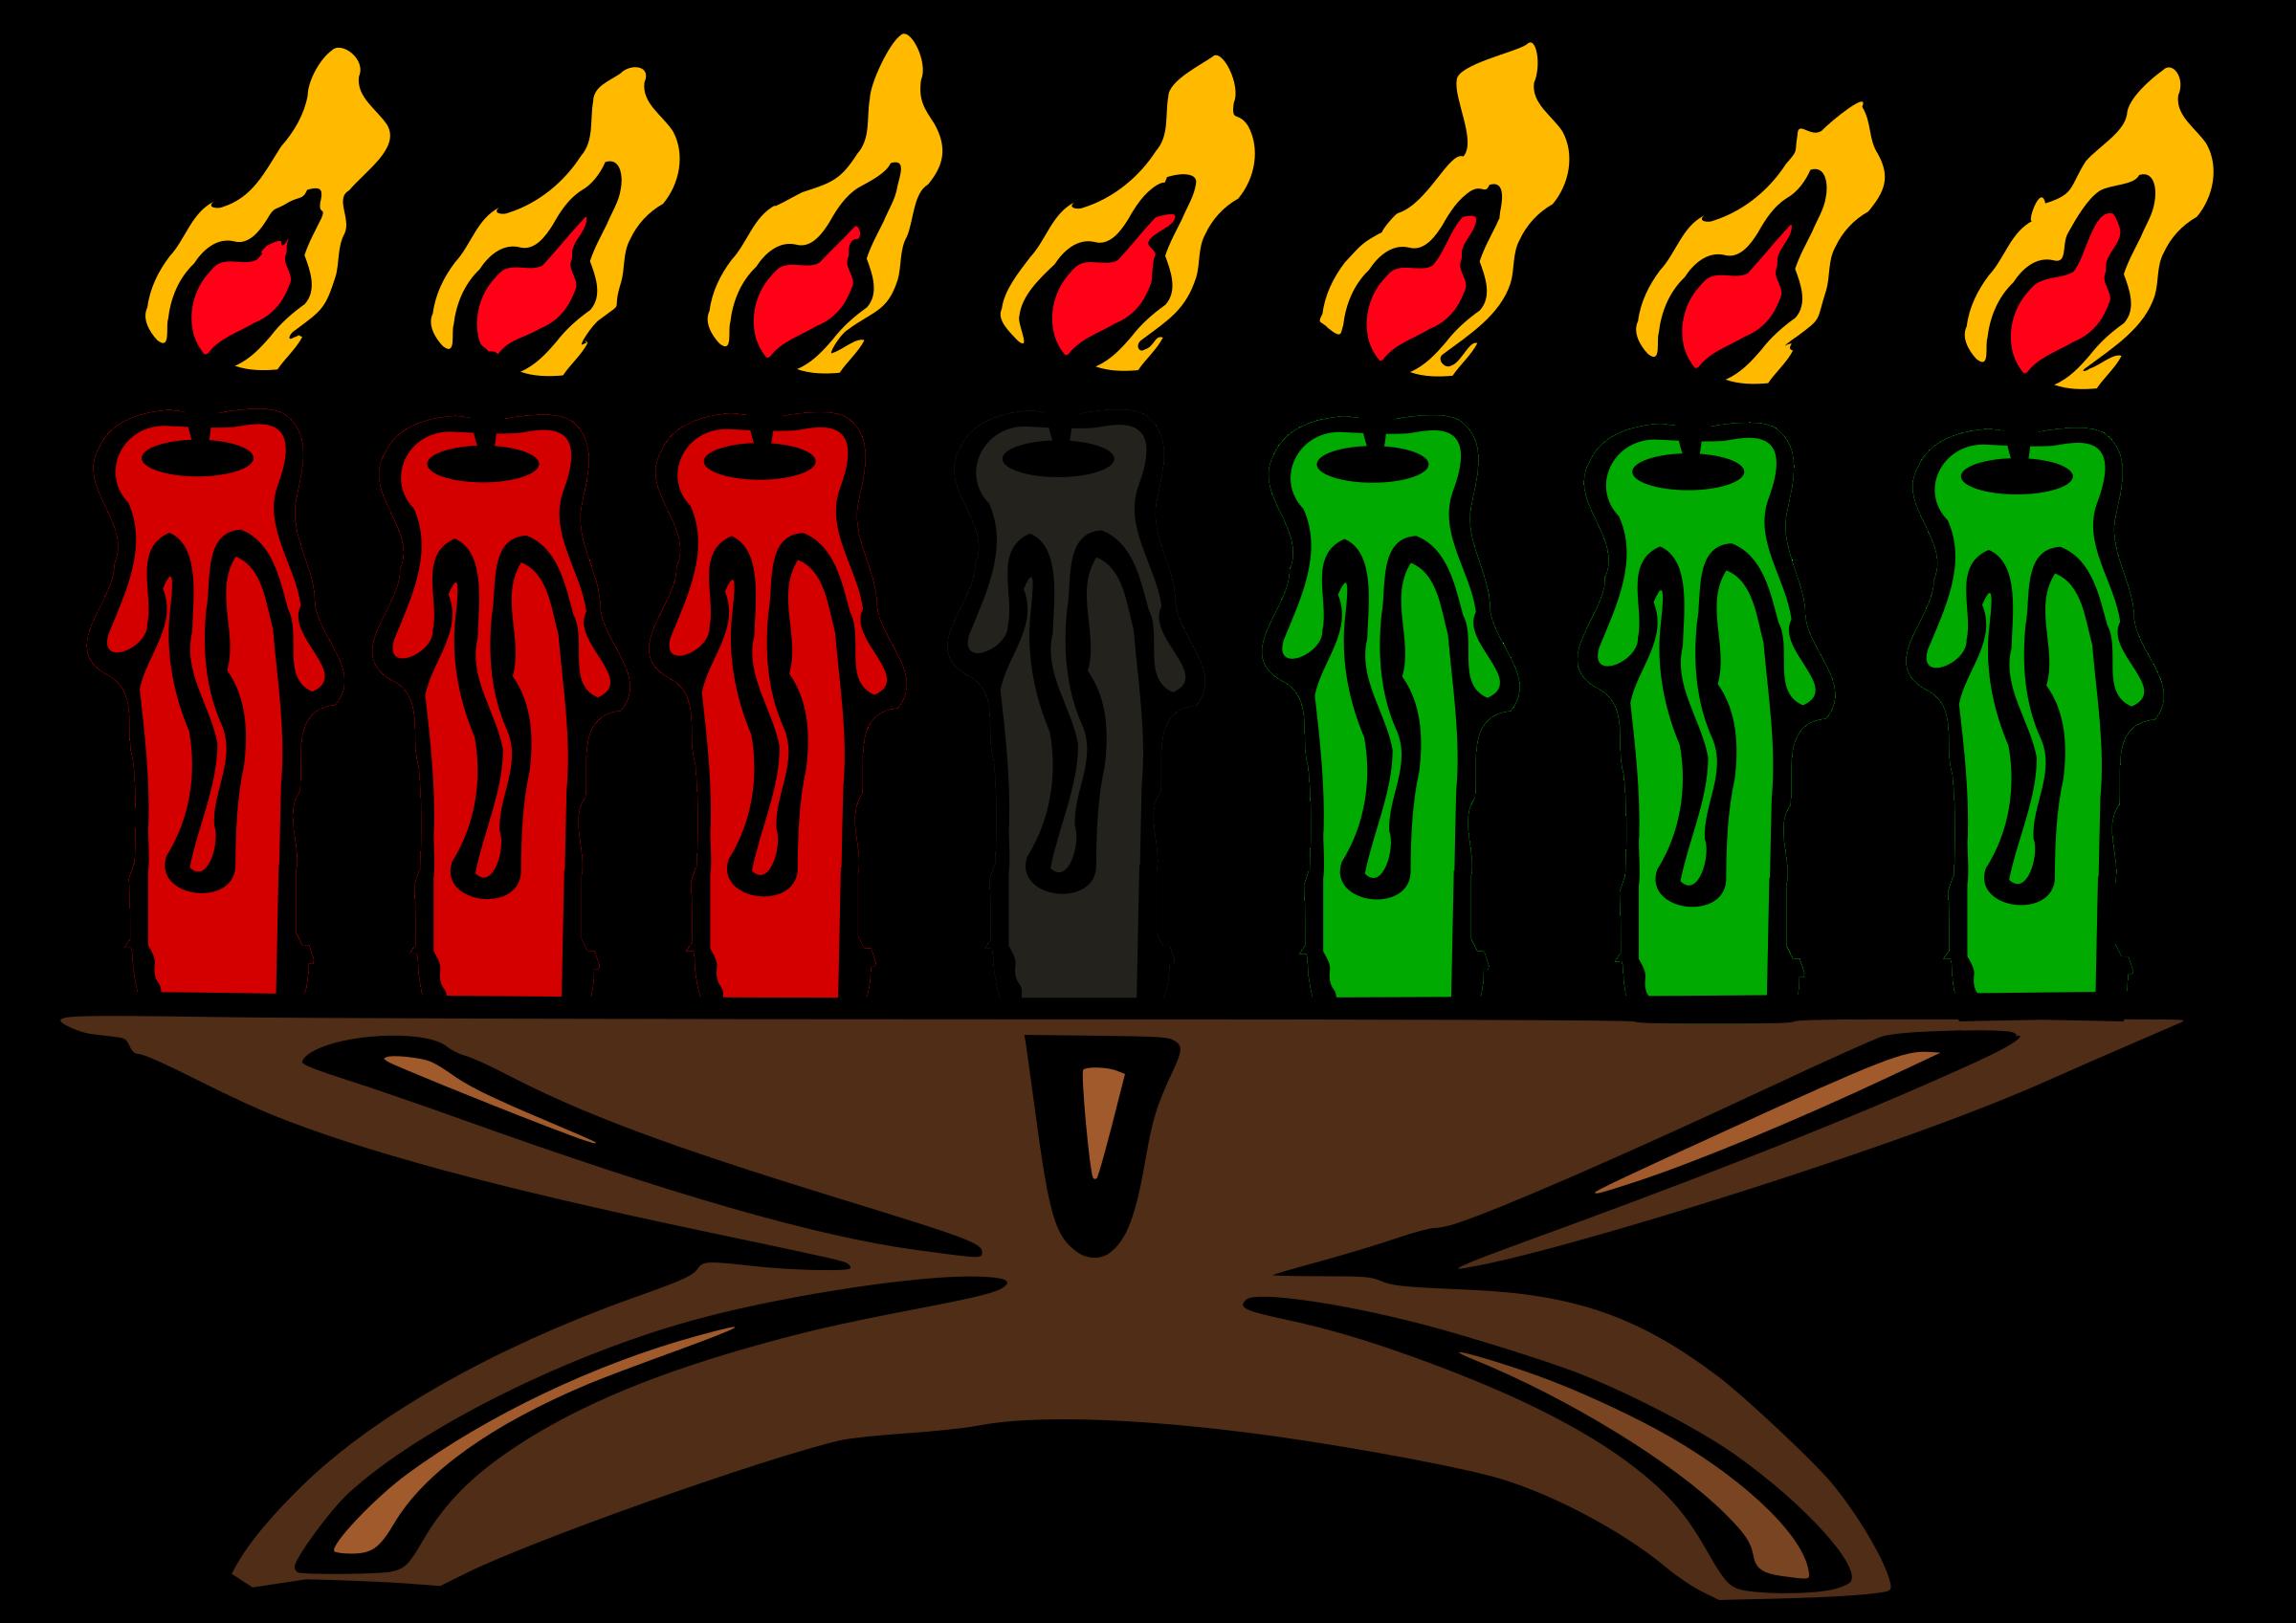 clipart kwanzaa kinara rh openclipart org happy kwanzaa clipart kwanzaa candles clipart